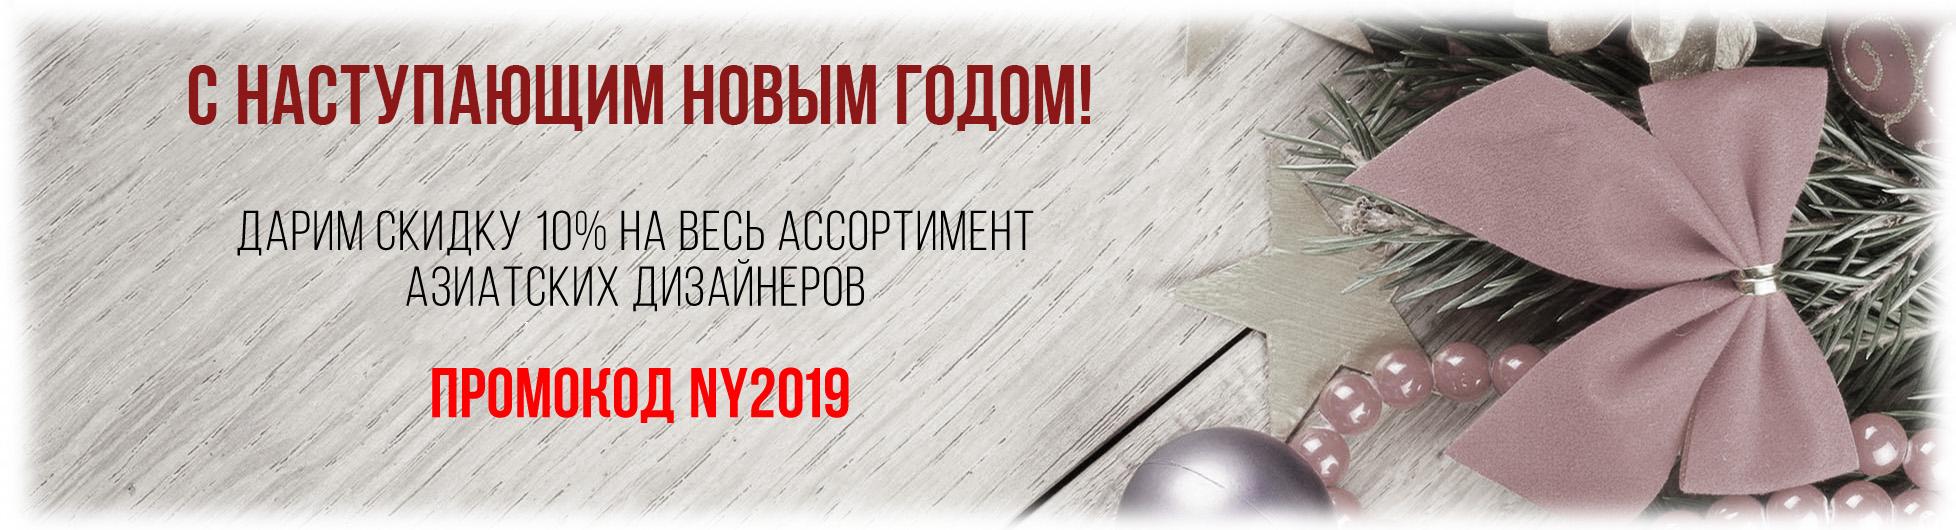 поздравление с НГ-2019